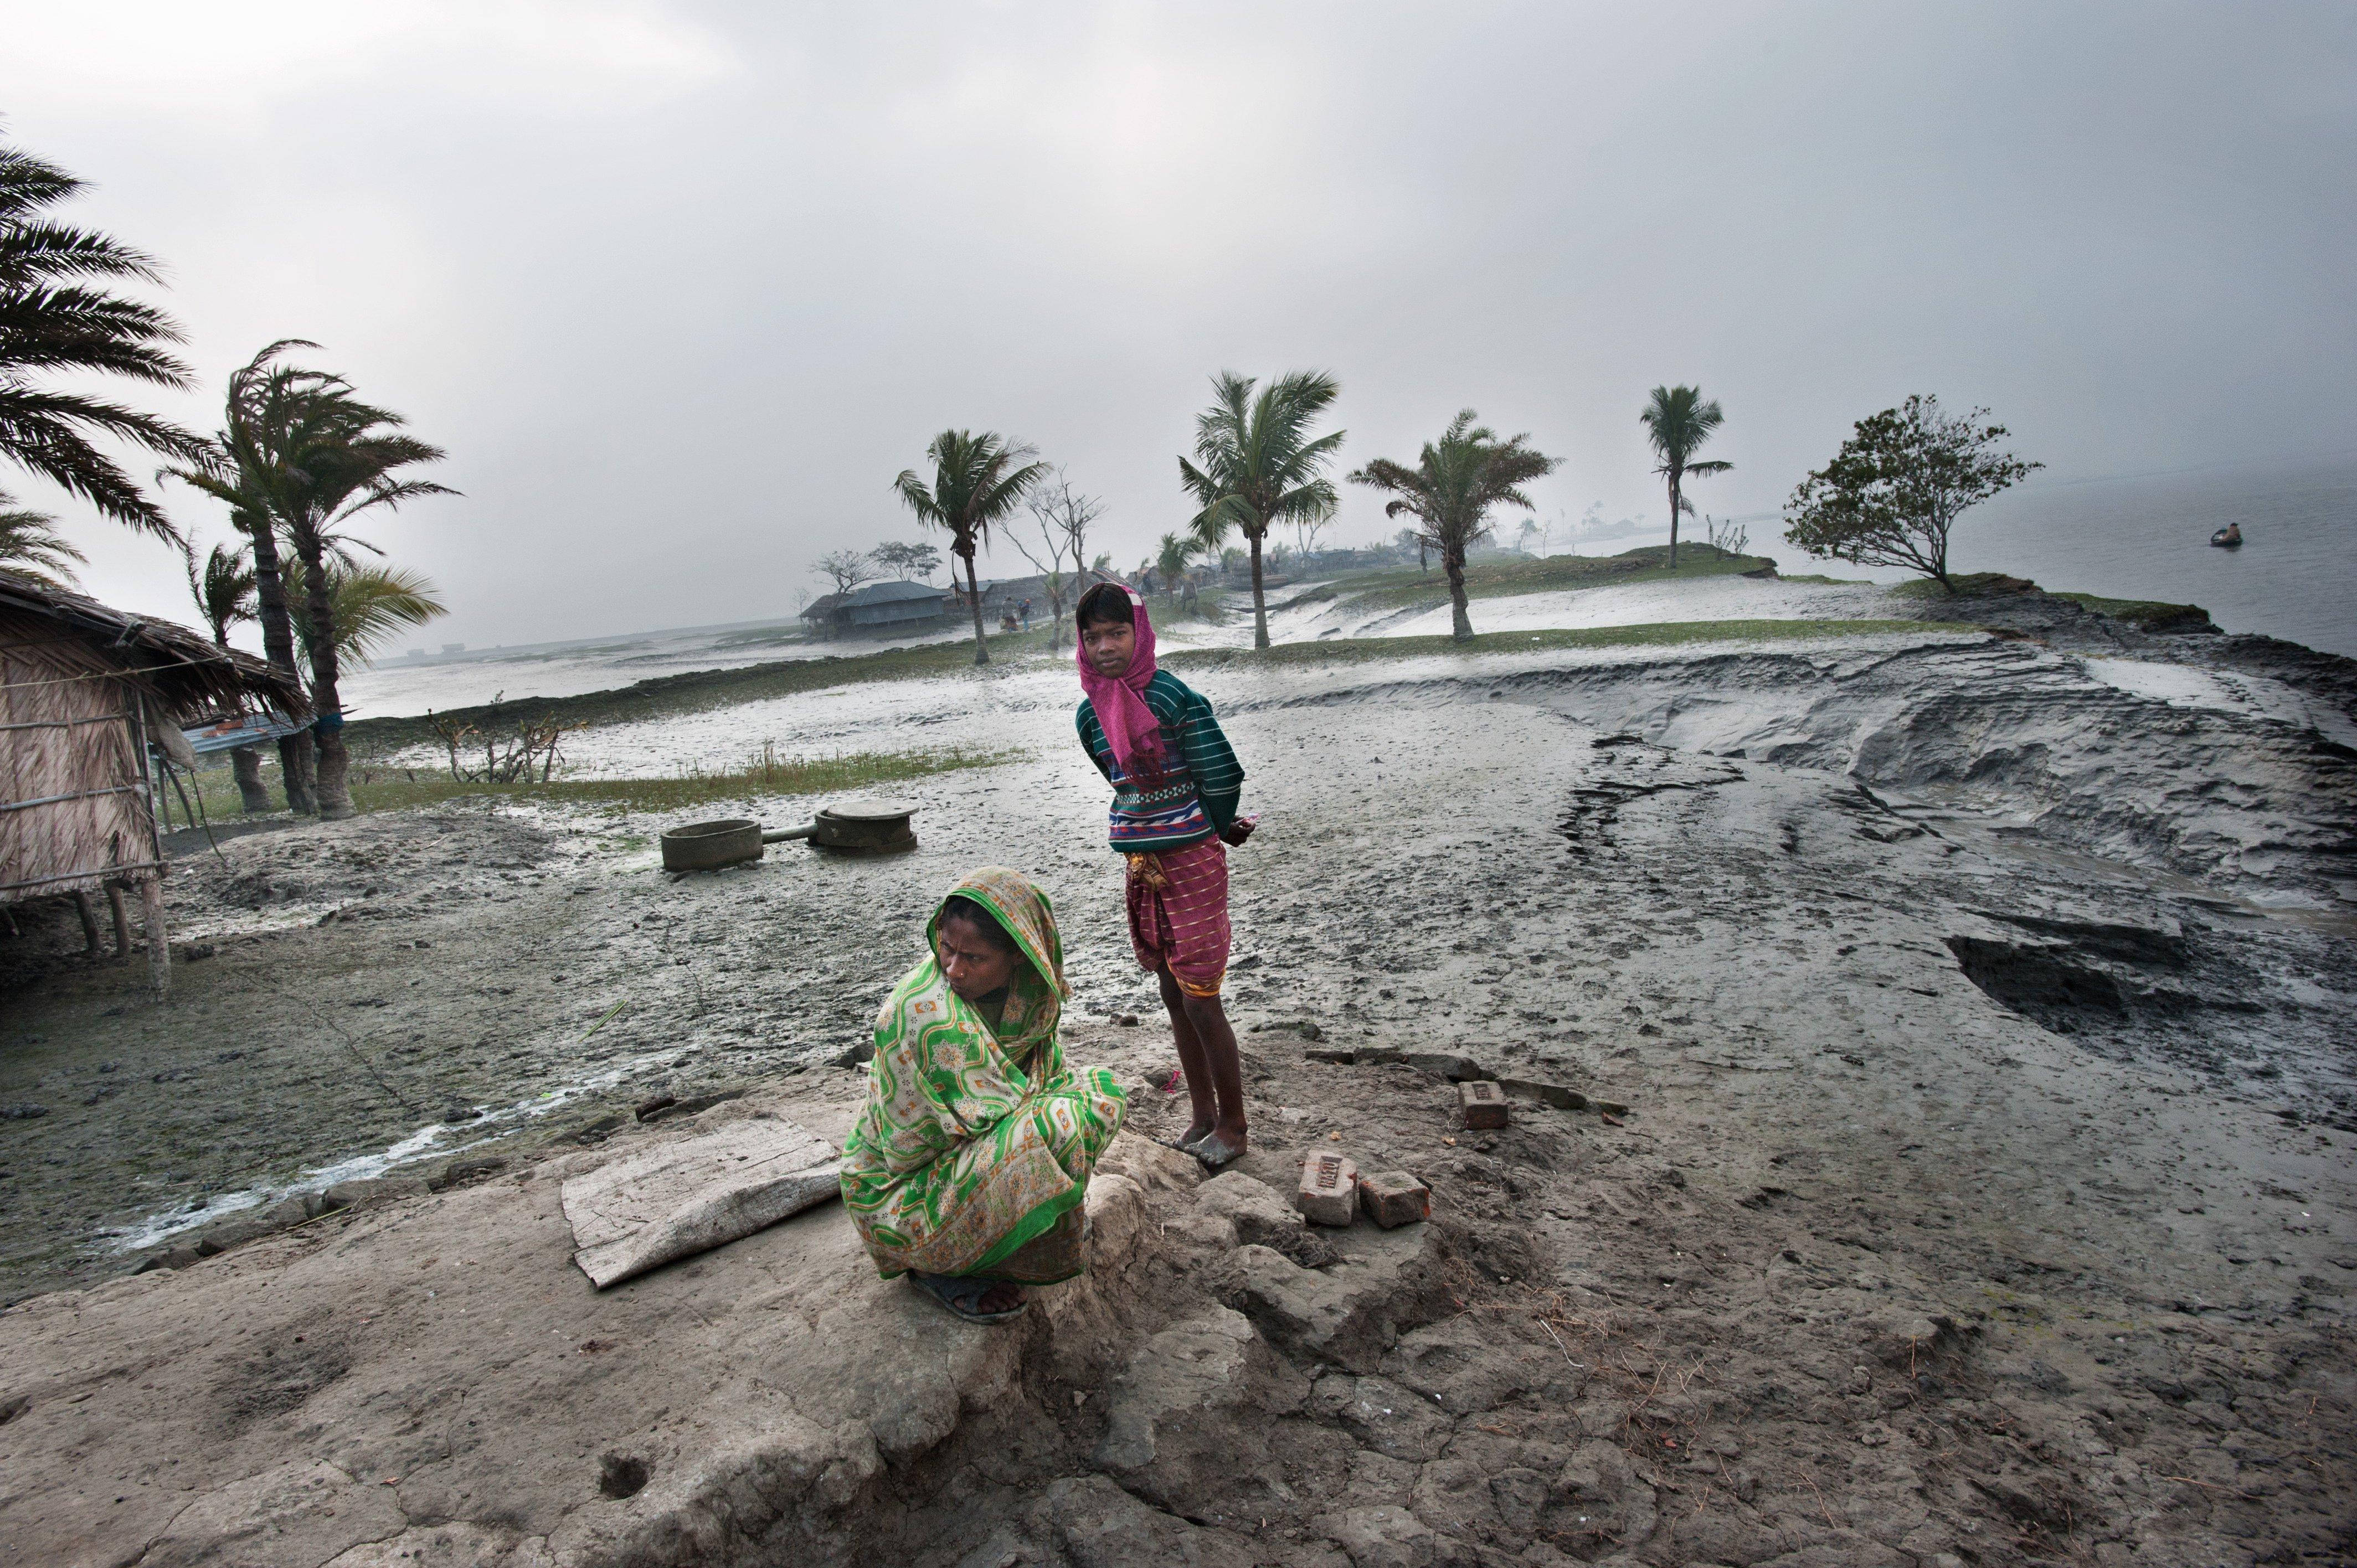 Rijzend Water_Bangladesh_2011_credits © Kadir van Lohuizen - NOOR copy.JPG